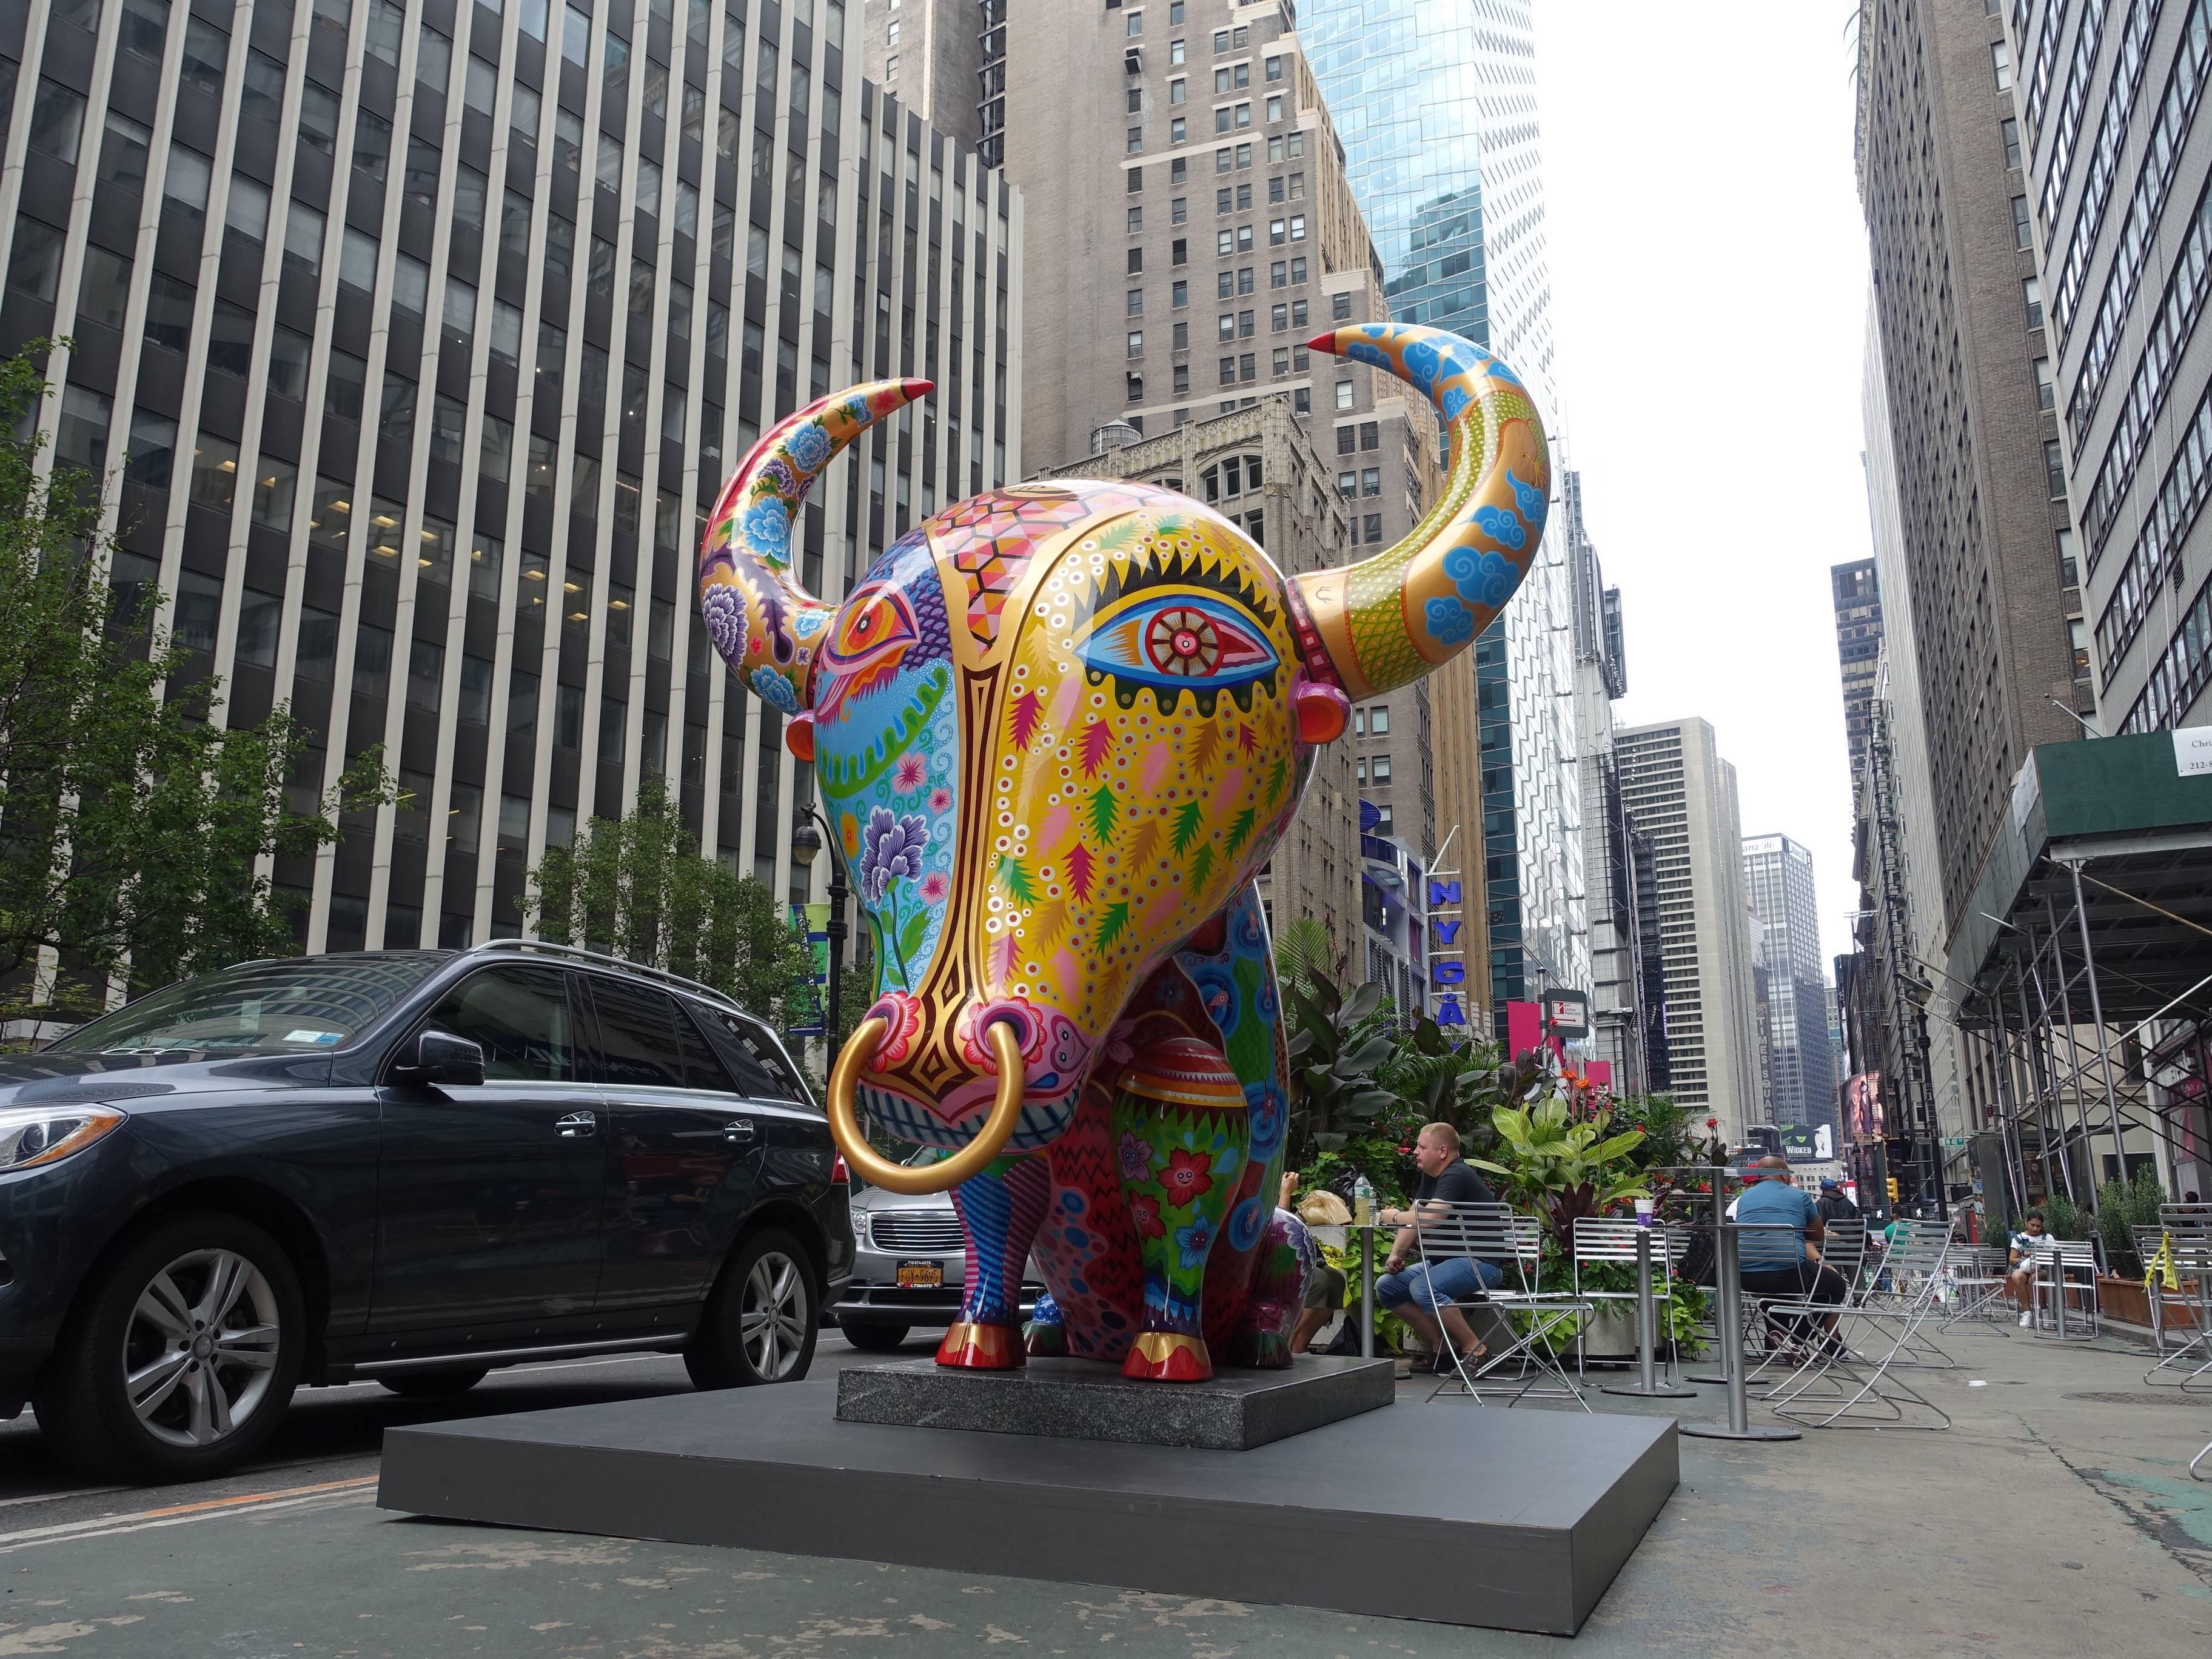 紐約百老匯時尚特區-洪易|大牛|鋼板彩繪|220x235x288cm